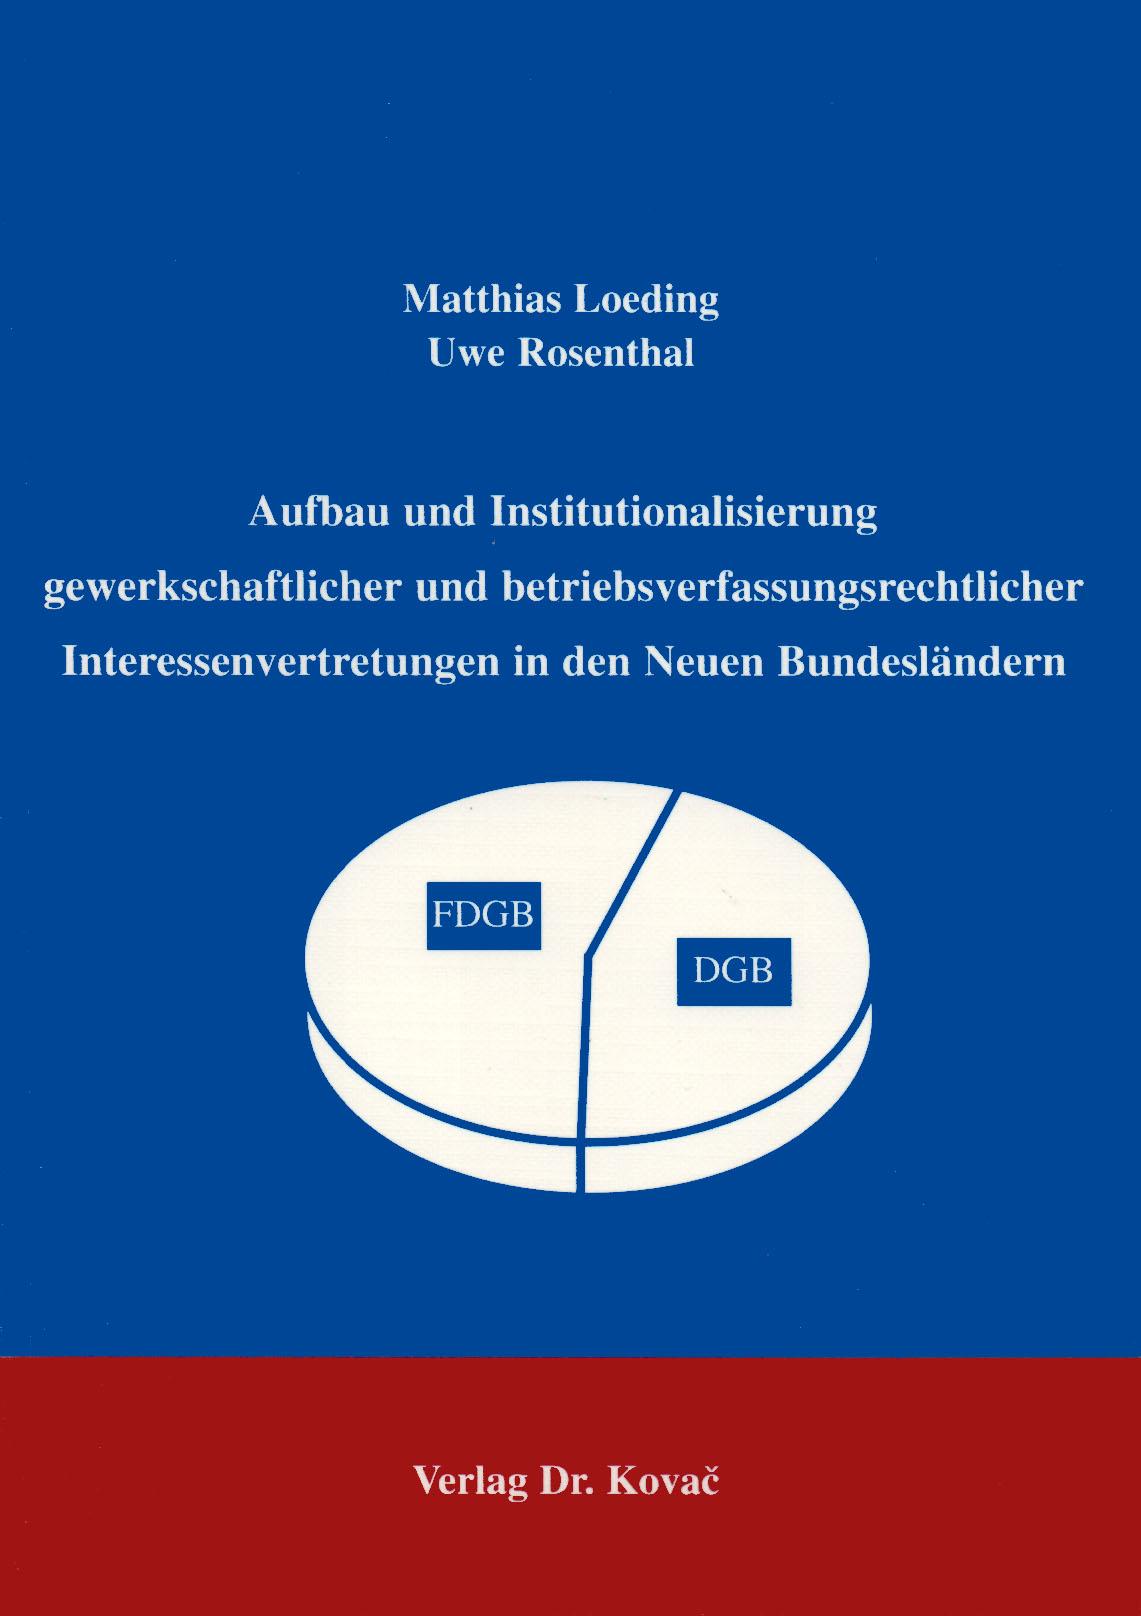 Cover: Aufbau und Institutionalisierung gewerkschaftlicher und betriebsverfassungsrechtlicher Interessenvertretungen in den neuen Bundesländern